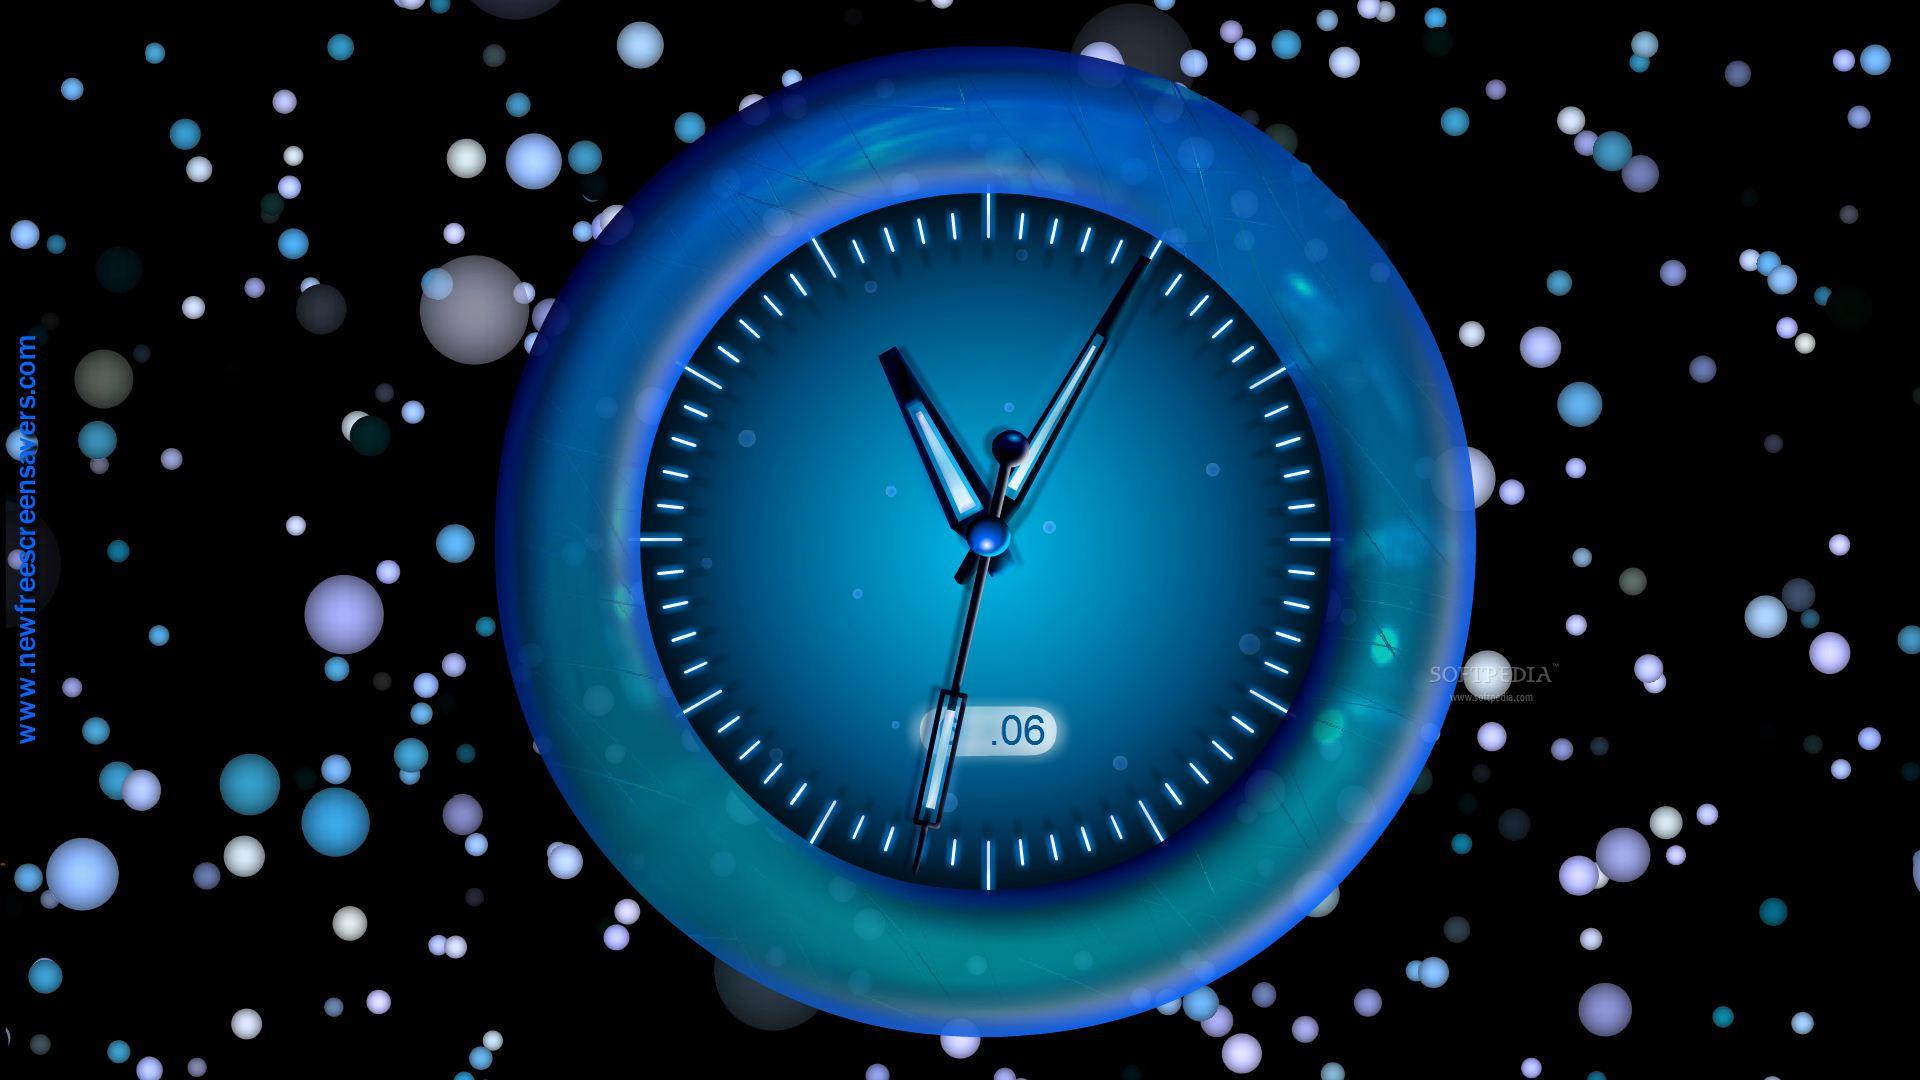 этом картинки на телефон часы движущиеся фрагмент компьютерной игры